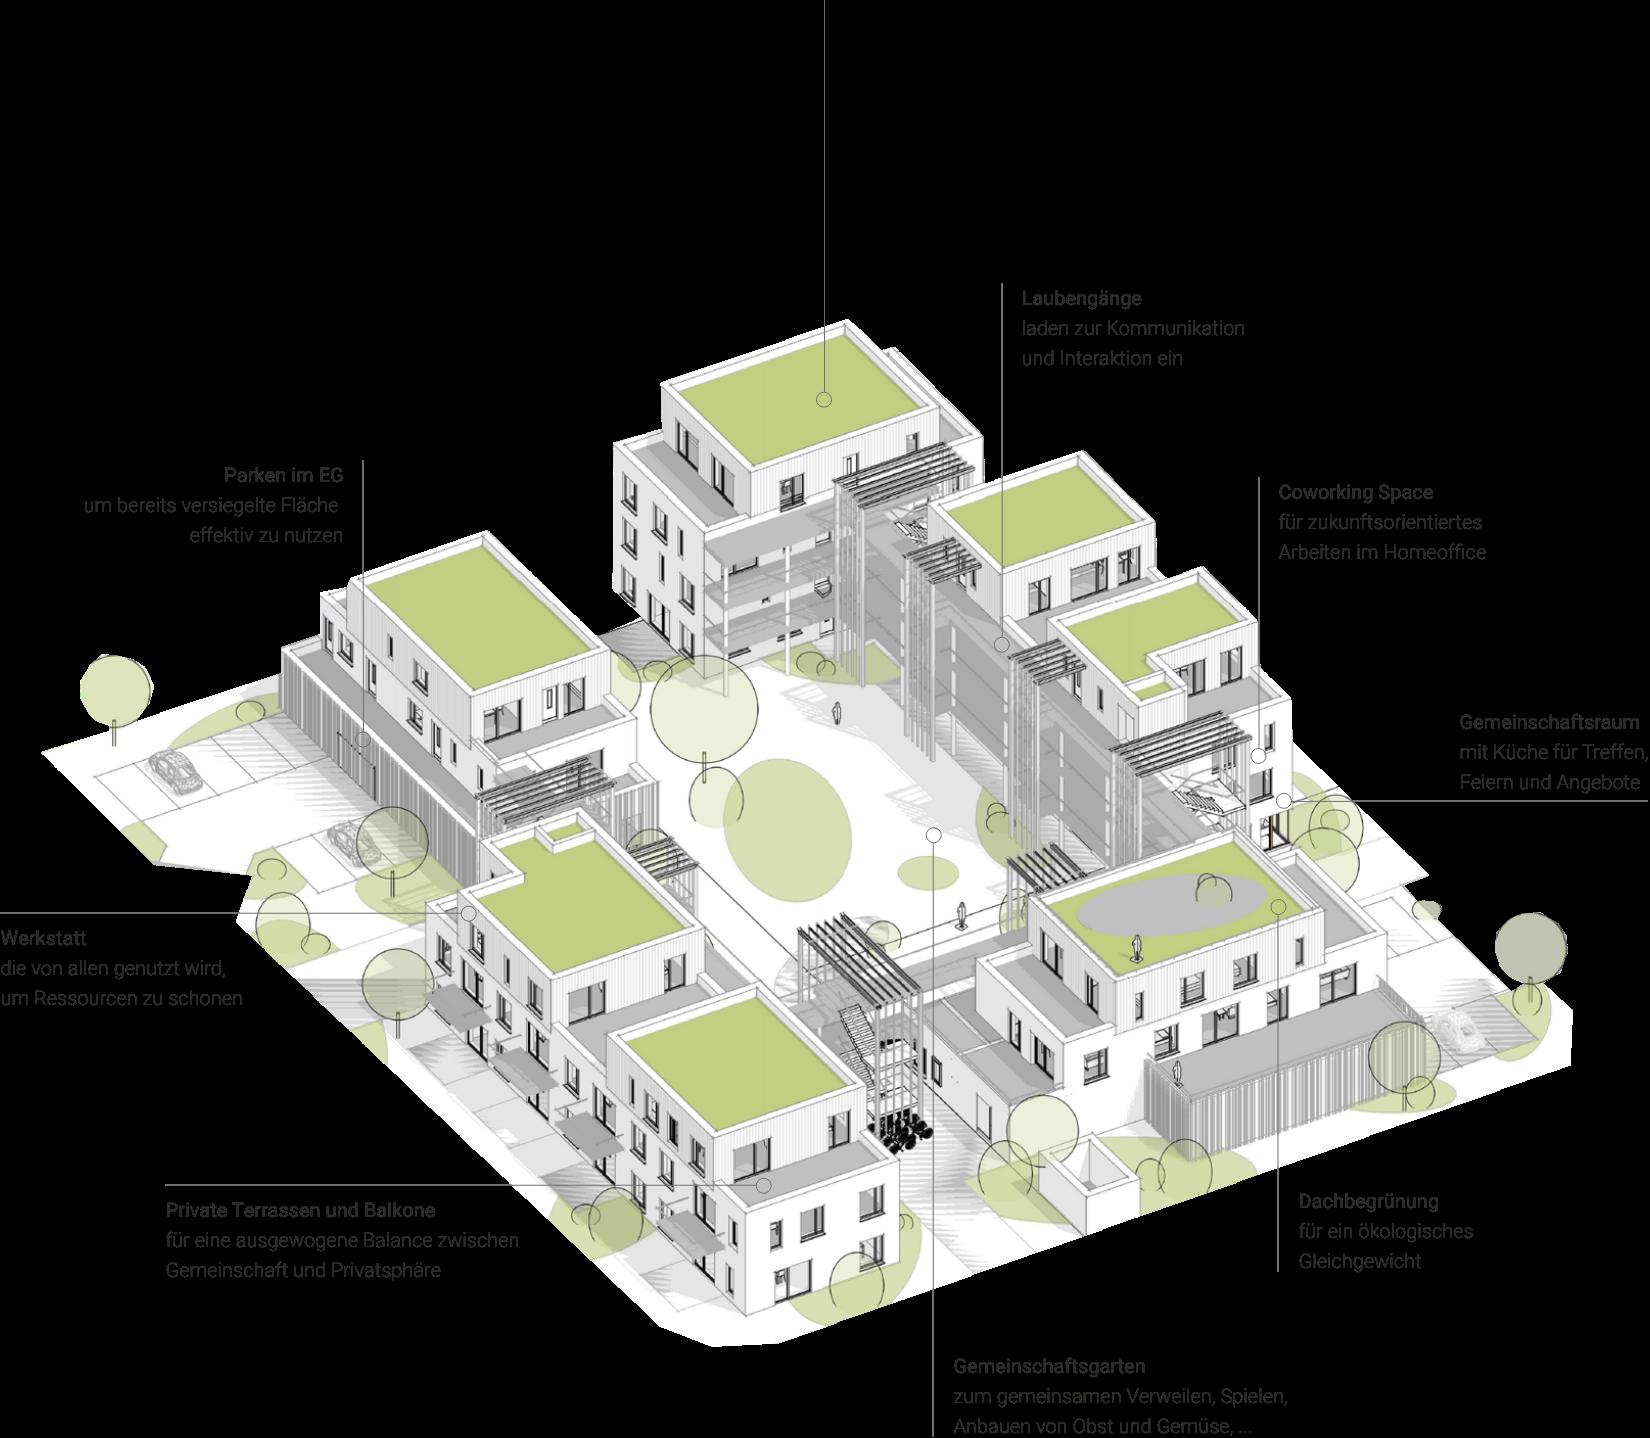 Skizze des Wohnprojekts der WiGe eG Warendorf mit Beschriftung